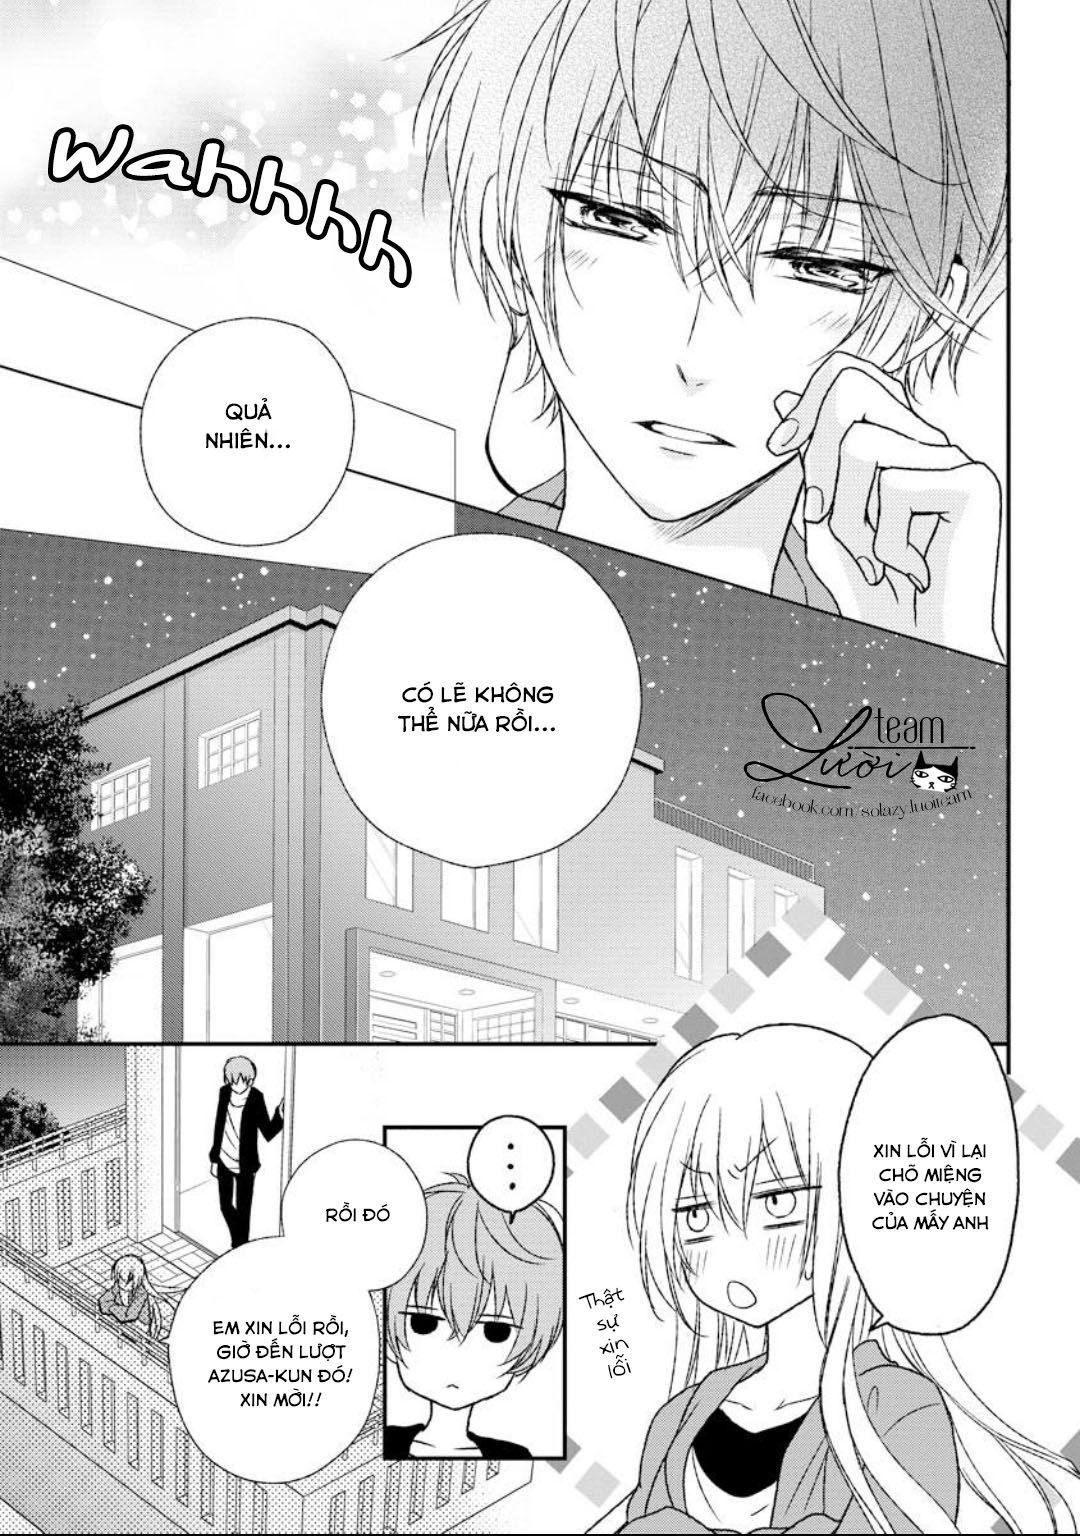 Netsuai Prince Onii Chan Wa Kimi Ga Suki Chap 4 Manga Hinh Vui